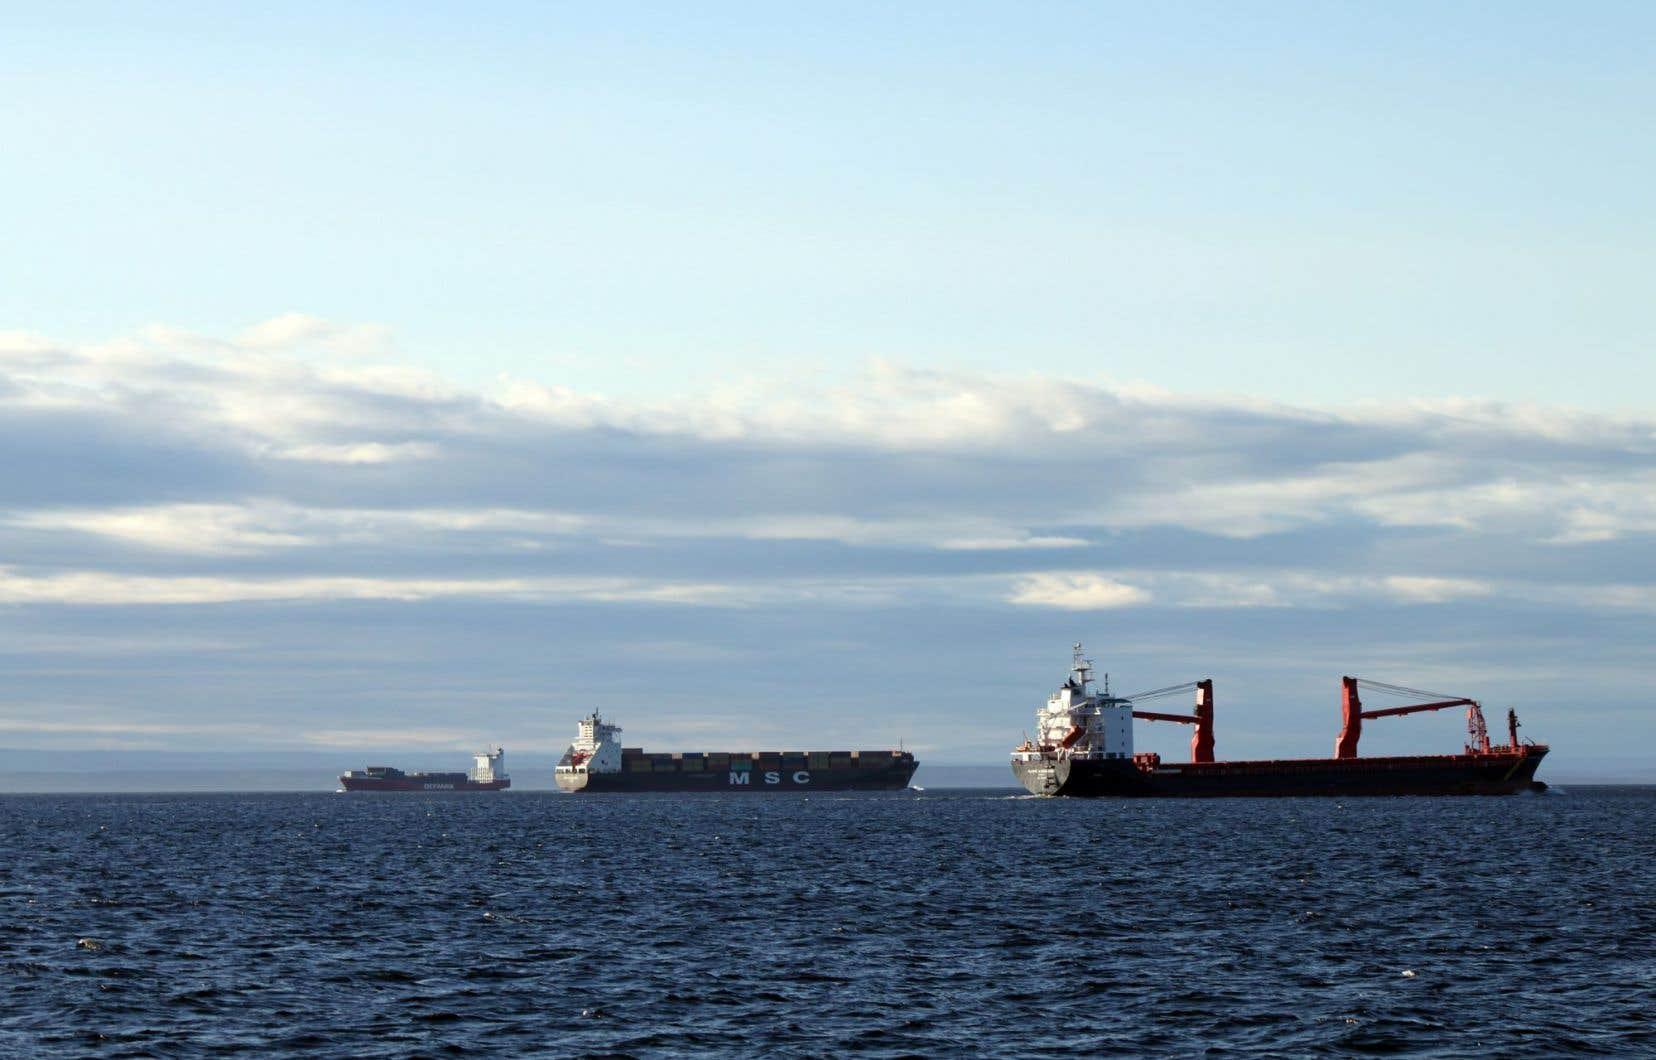 En raison des projets de transport de pétrole et de gaz en développement, on devrait assister à une croissance du trafic d'énergies fossiles sur le Saint-Laurent.